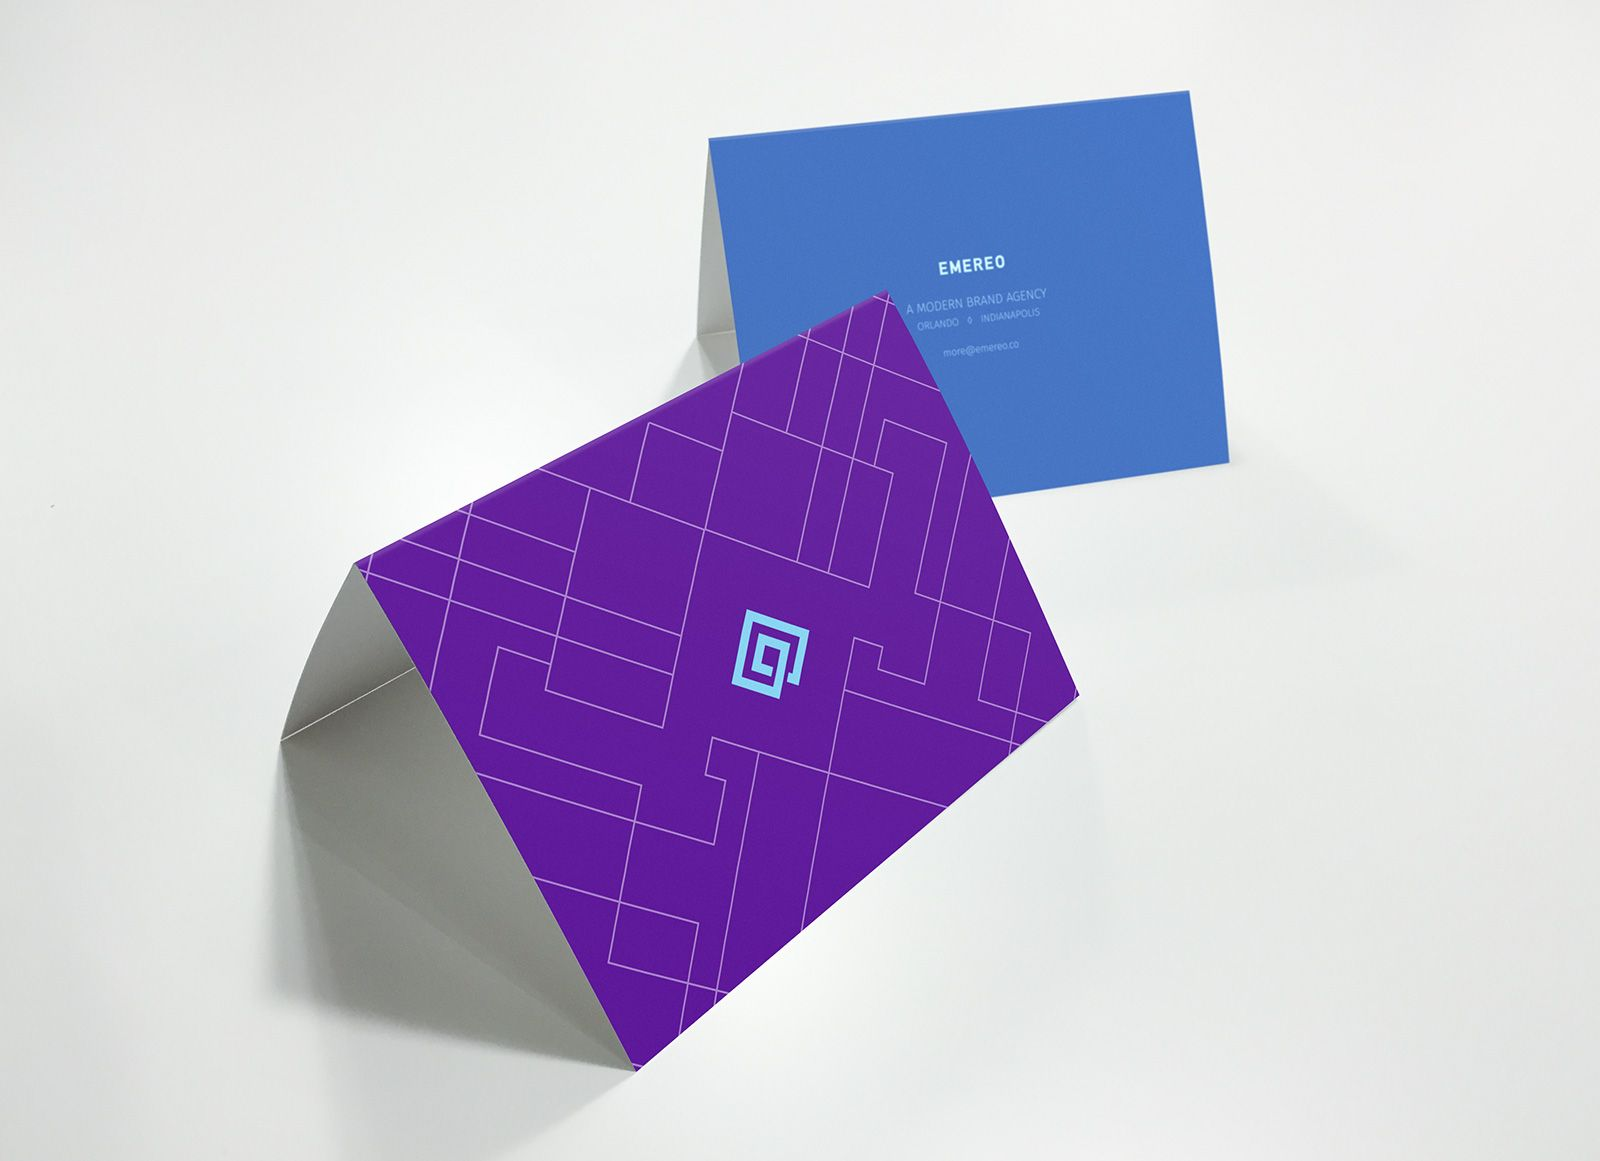 Free greeting card mockup psd mockups pinterest mockup free greeting card mockup psd kristyandbryce Choice Image